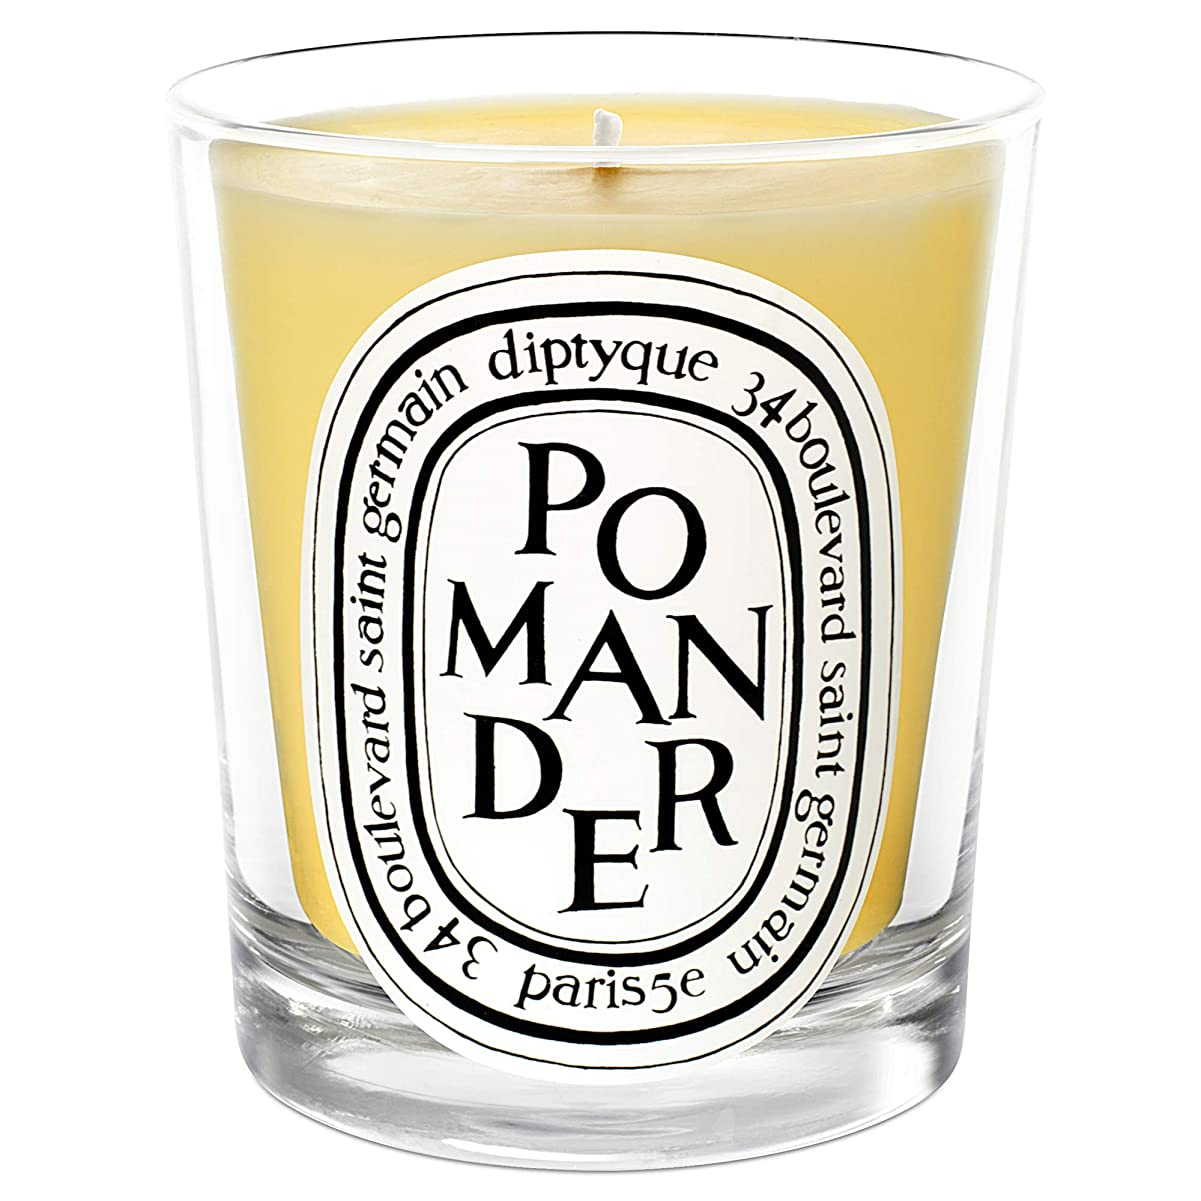 間接的宇宙の直接[Diptyque] DiptyqueのPomander香りのキャンドル190グラム - Diptyque Pomander Scented Candle 190g [並行輸入品]